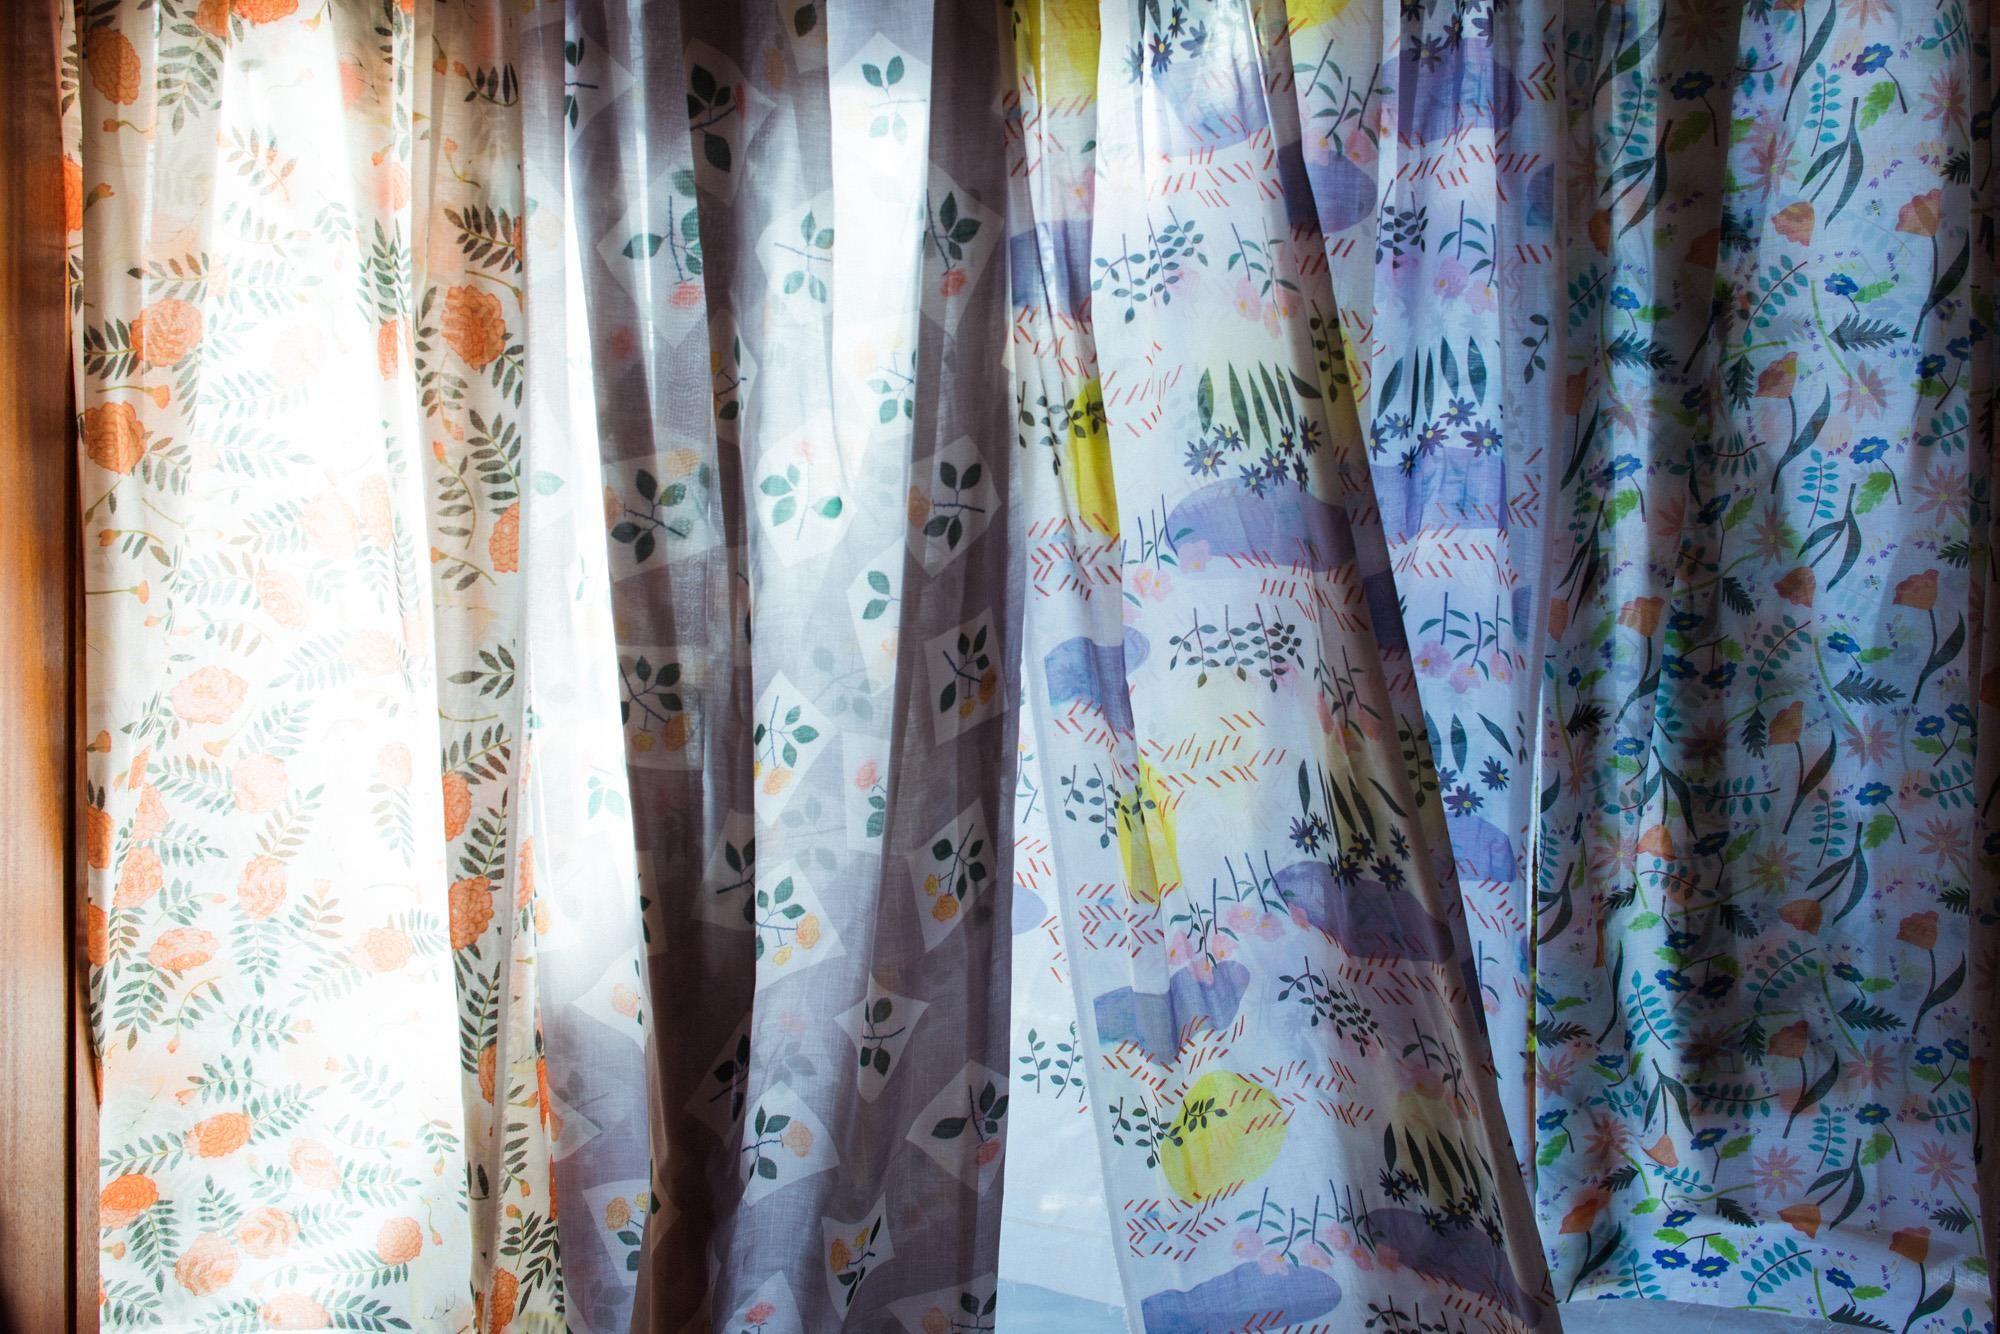 Épinglé par Isabelle Dumoulin sur tisser, coudre, broder ...